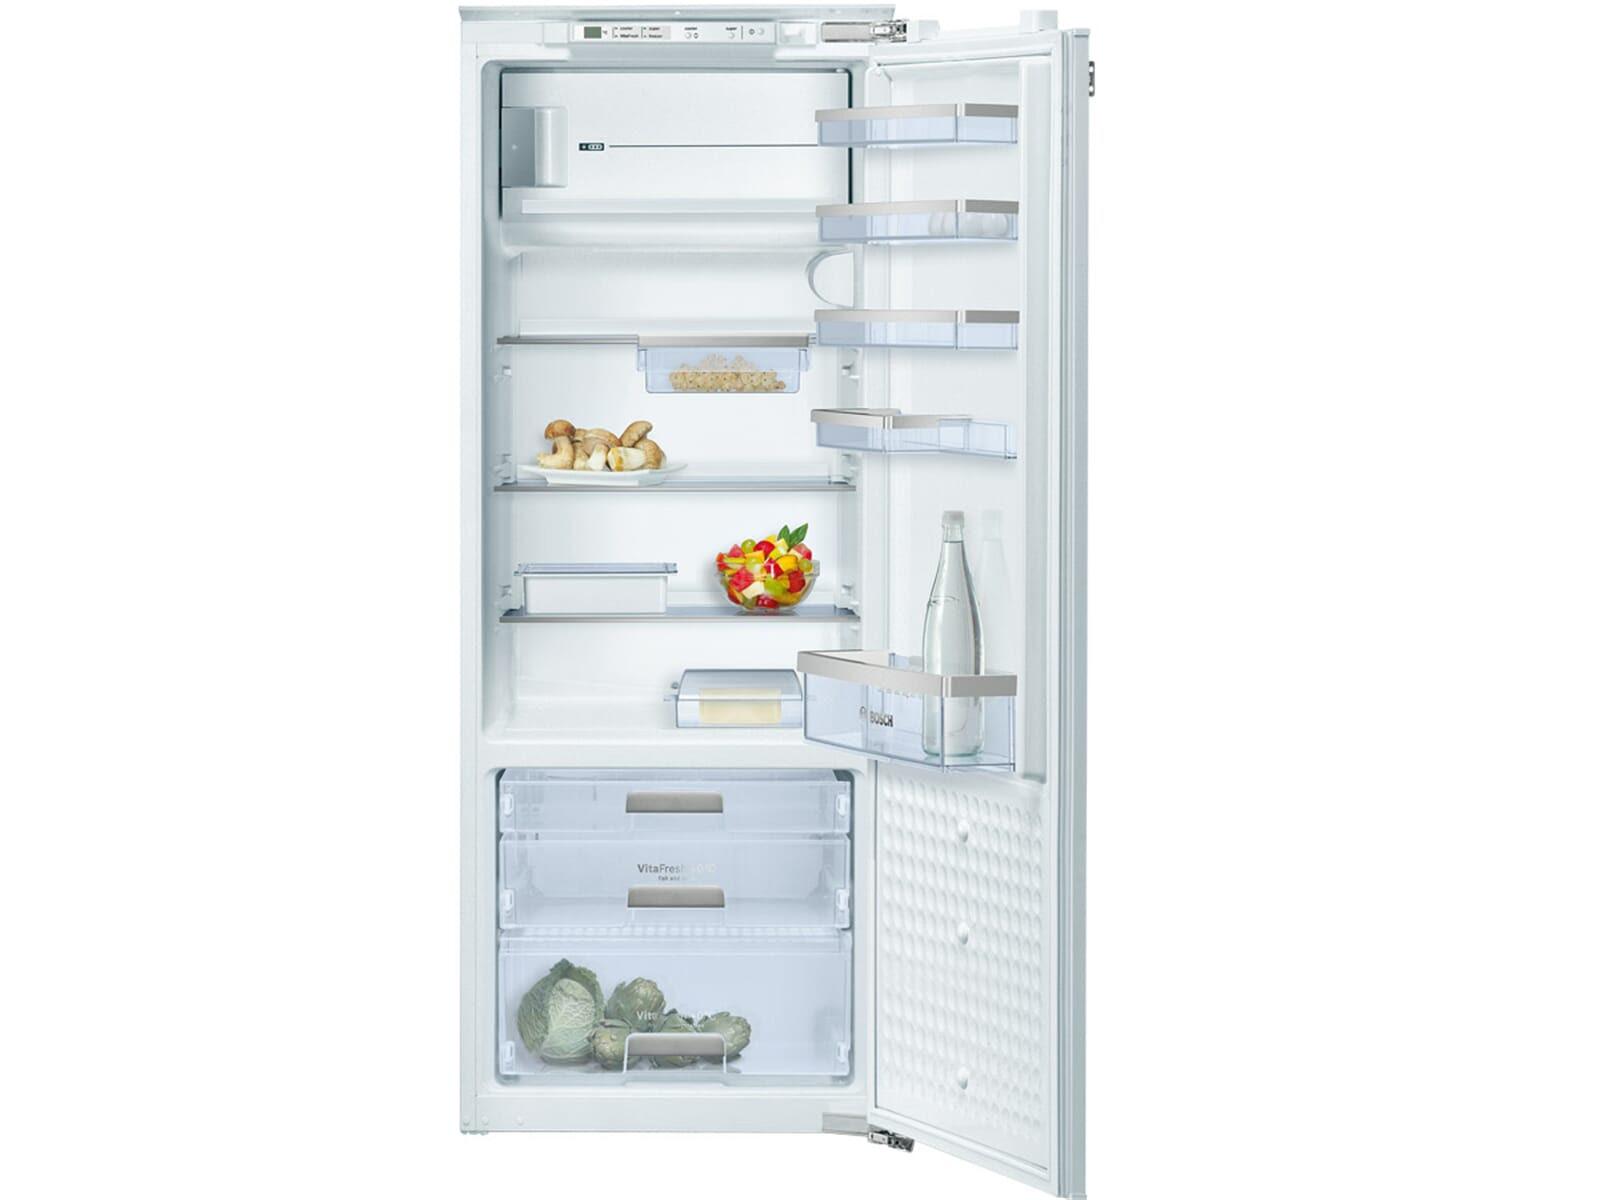 Bosch Kühlschrank Ersatzteile : Integrierter kühlschrank bosch guevara betsy